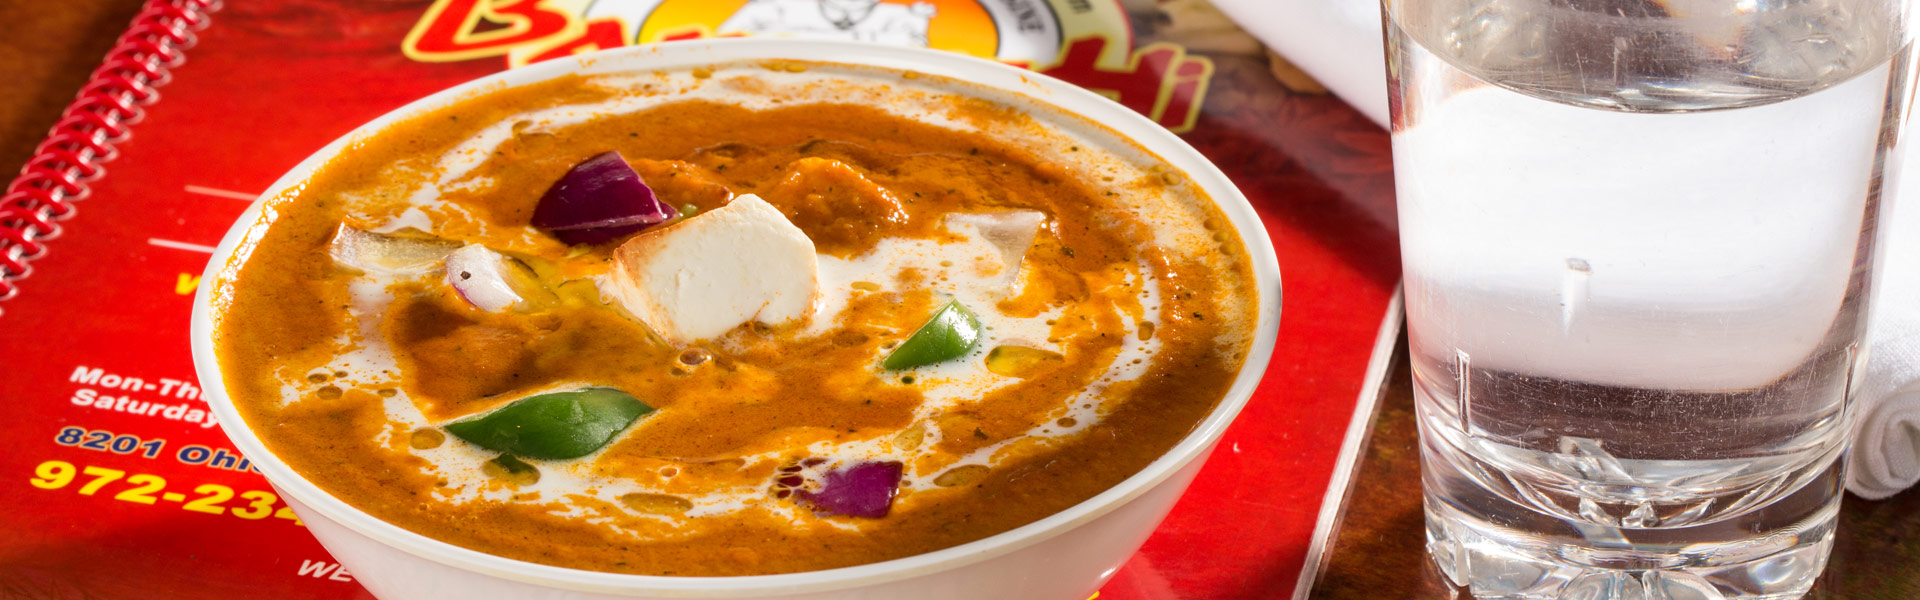 Best Indian Food In Schaumburg